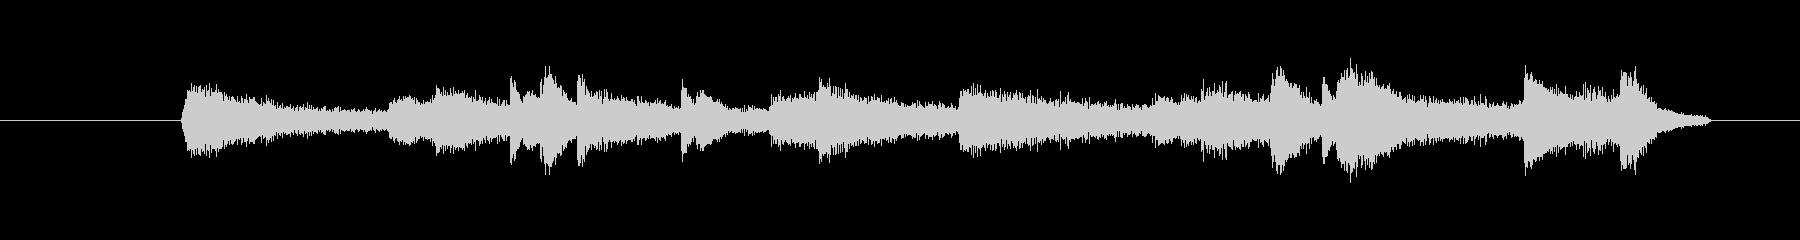 ピアノとストリングス、ピッコロのインス…の未再生の波形